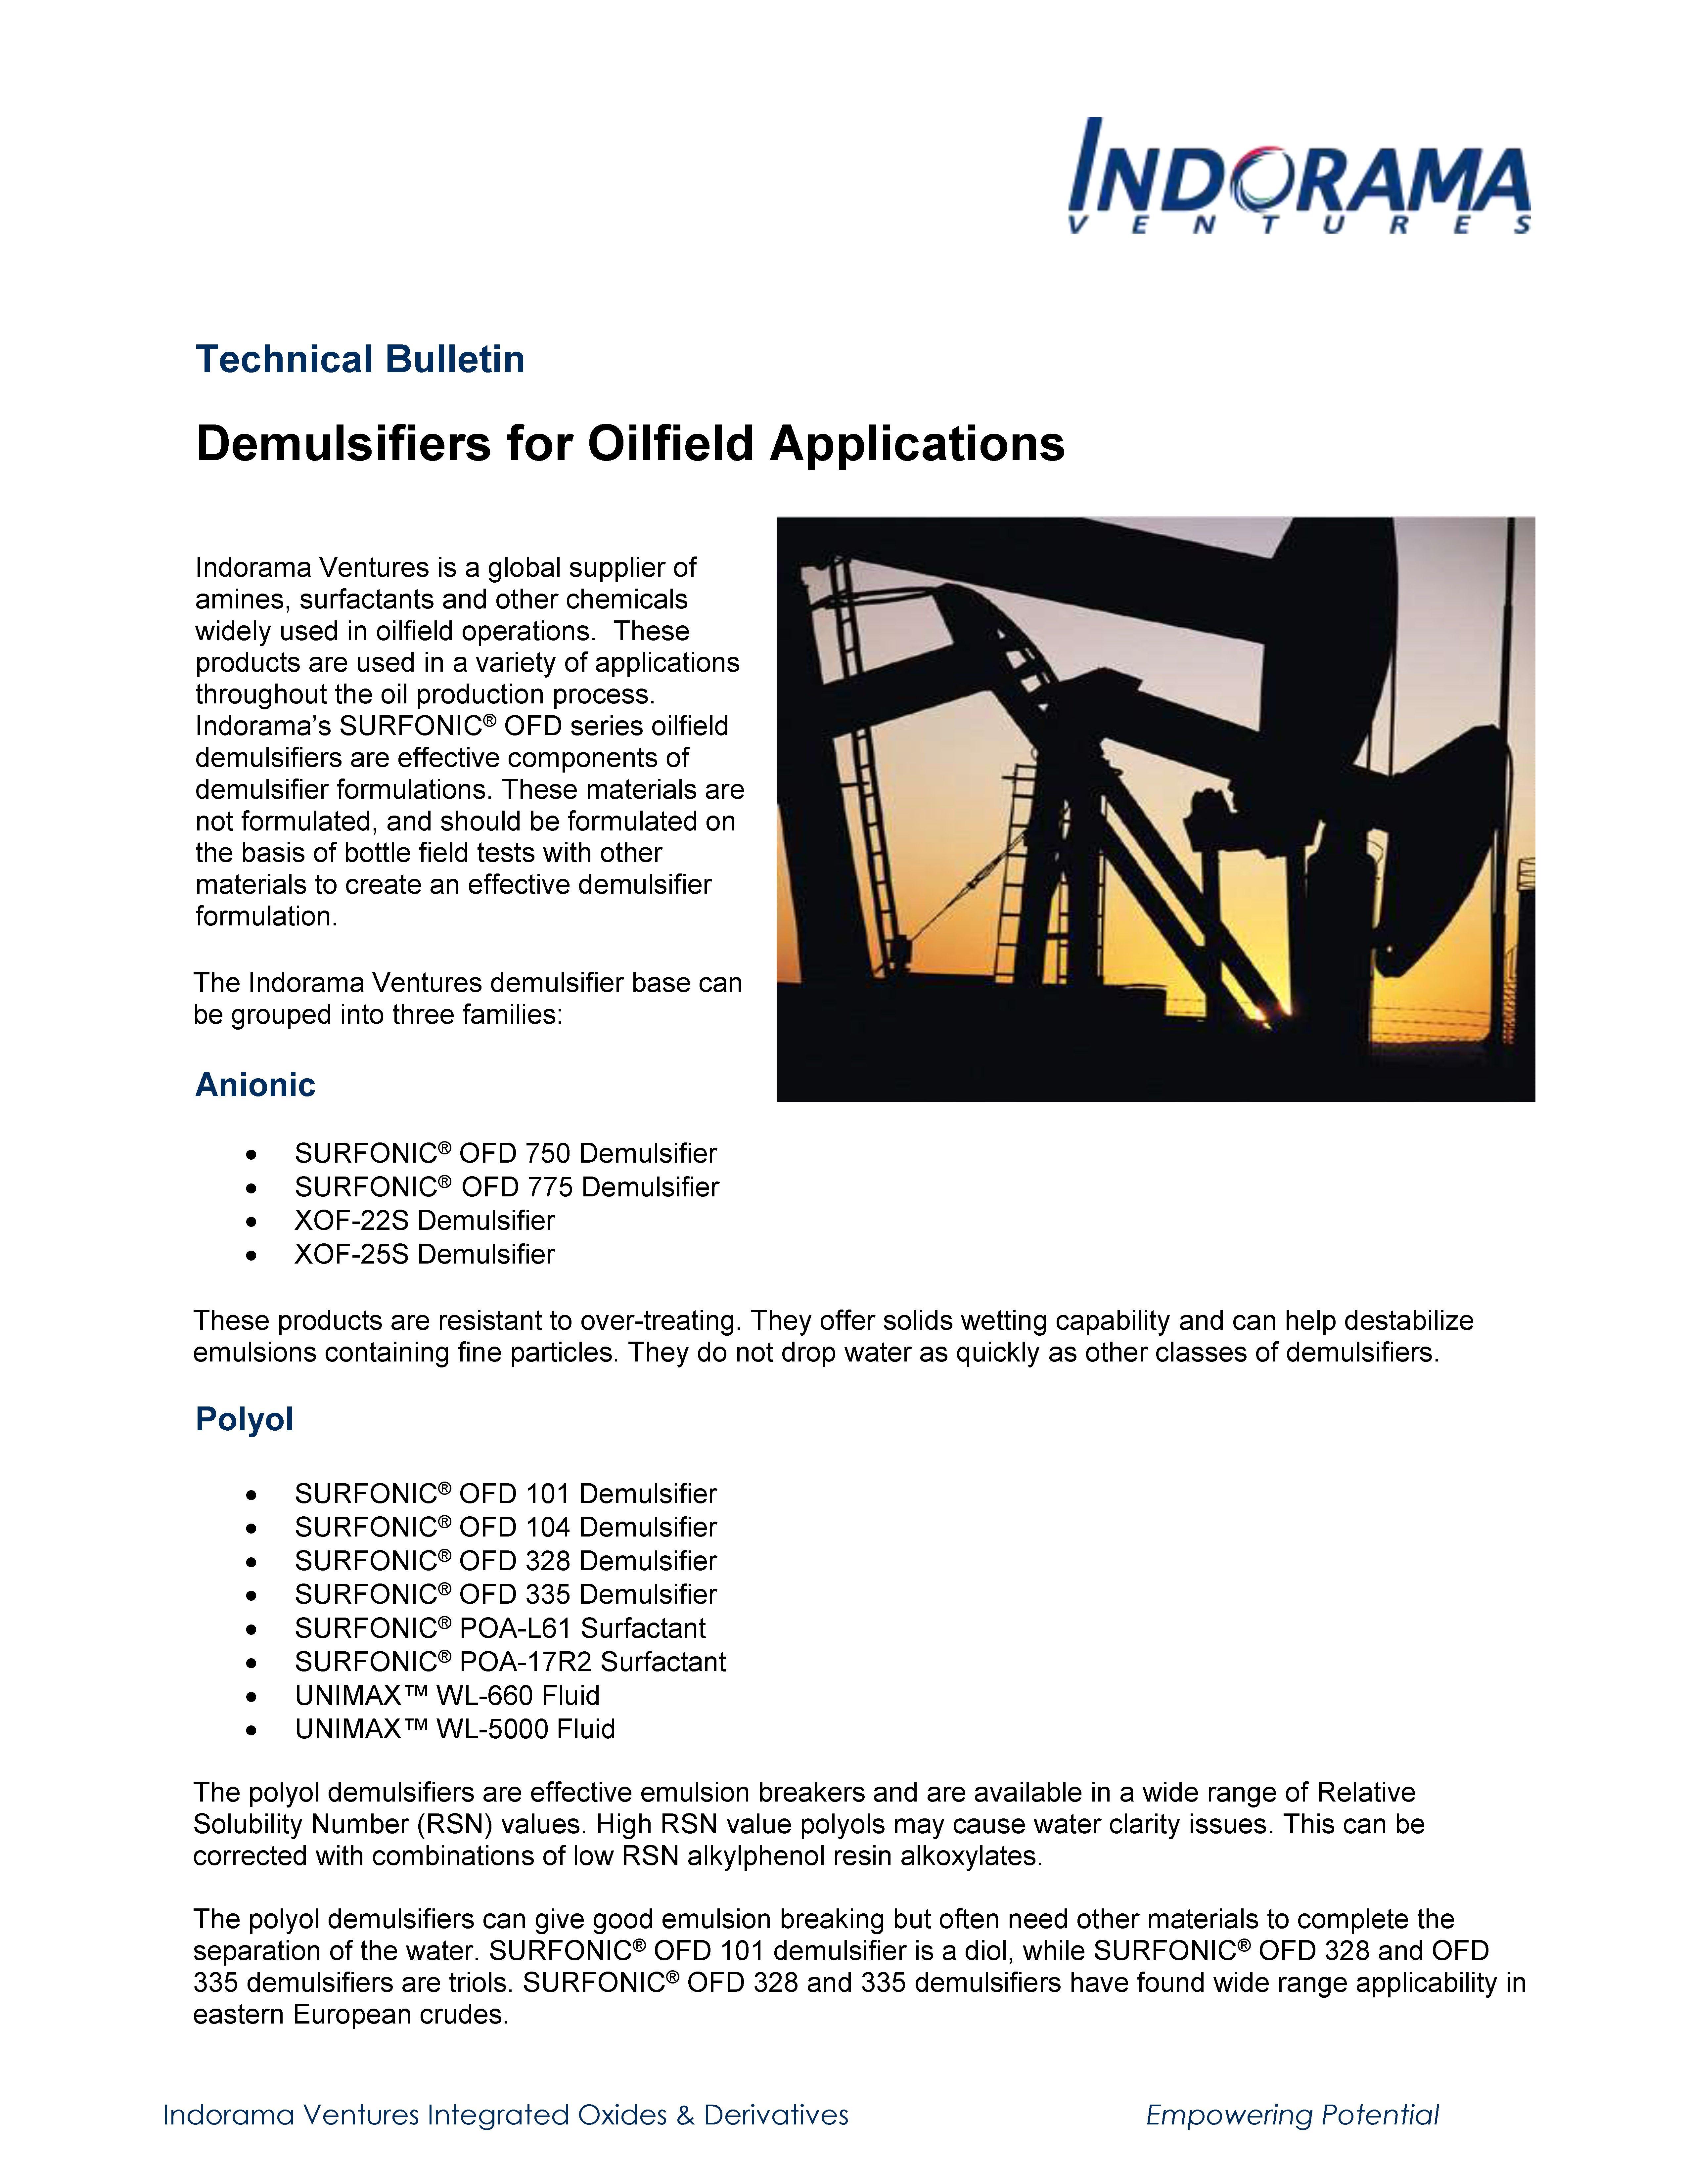 Demulsifiers for Oilfield Applications